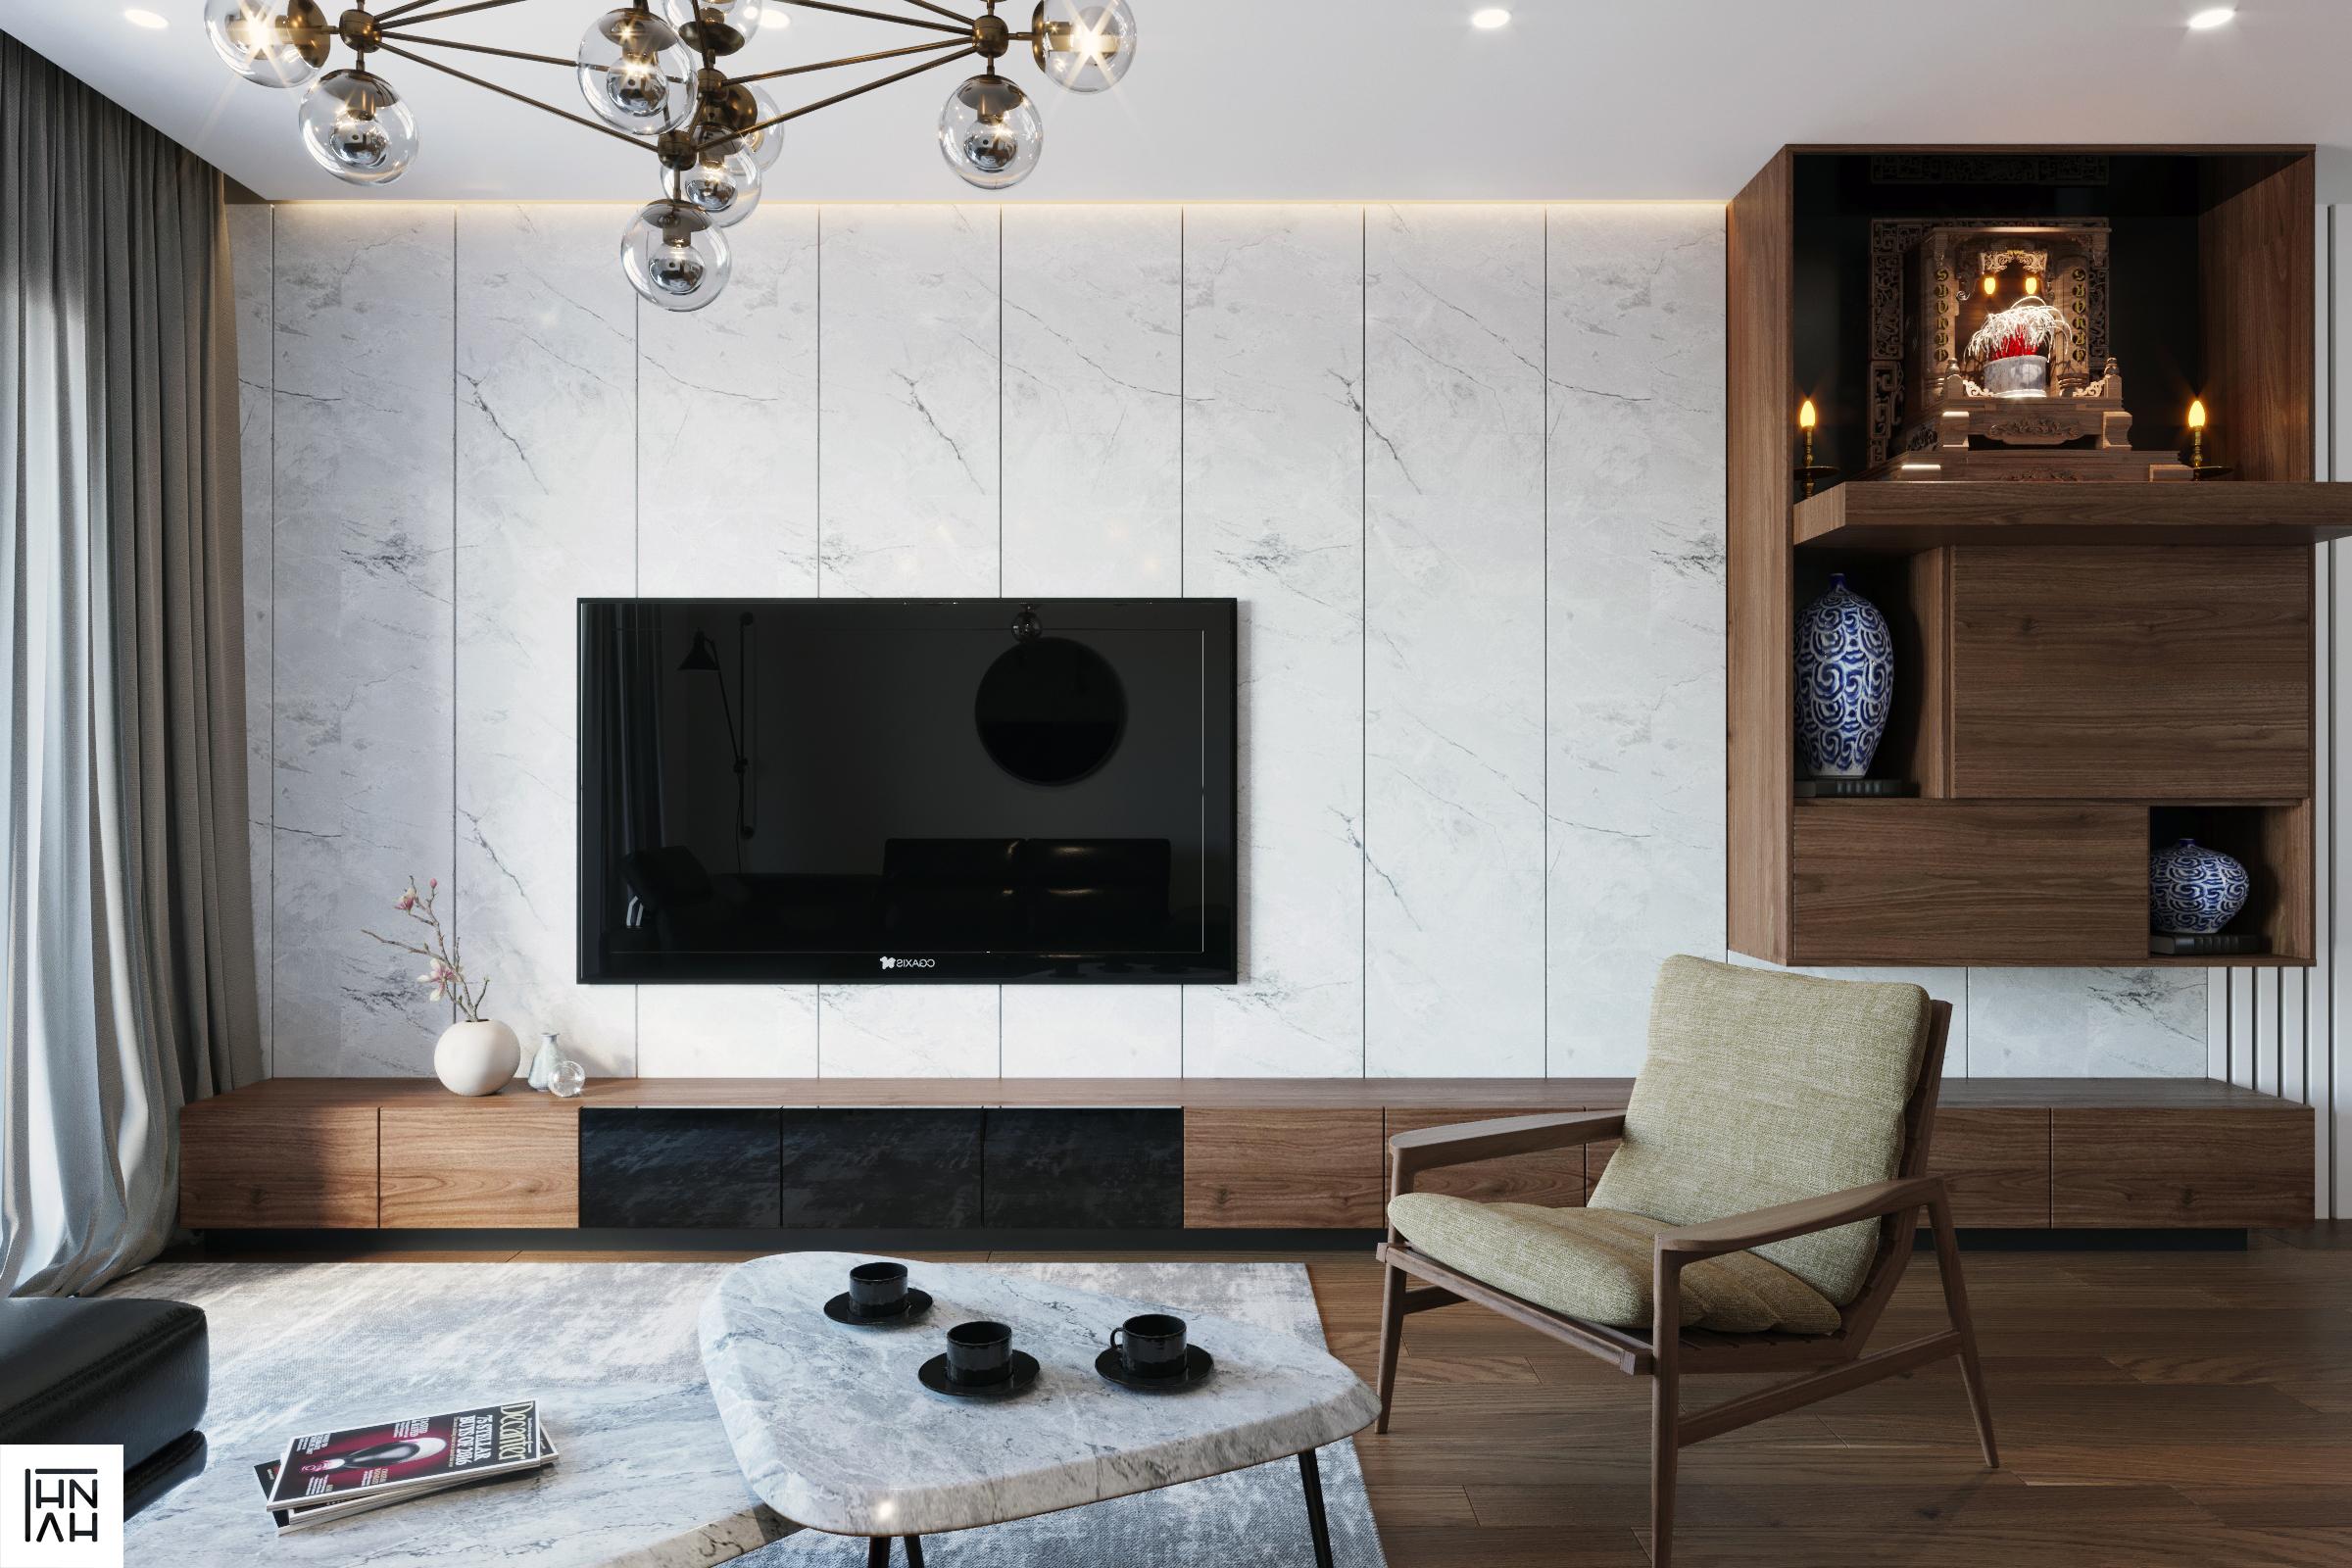 thiết kế nội thất chung cư tại Hà Nội Cuc. Apartment 0 1566896396